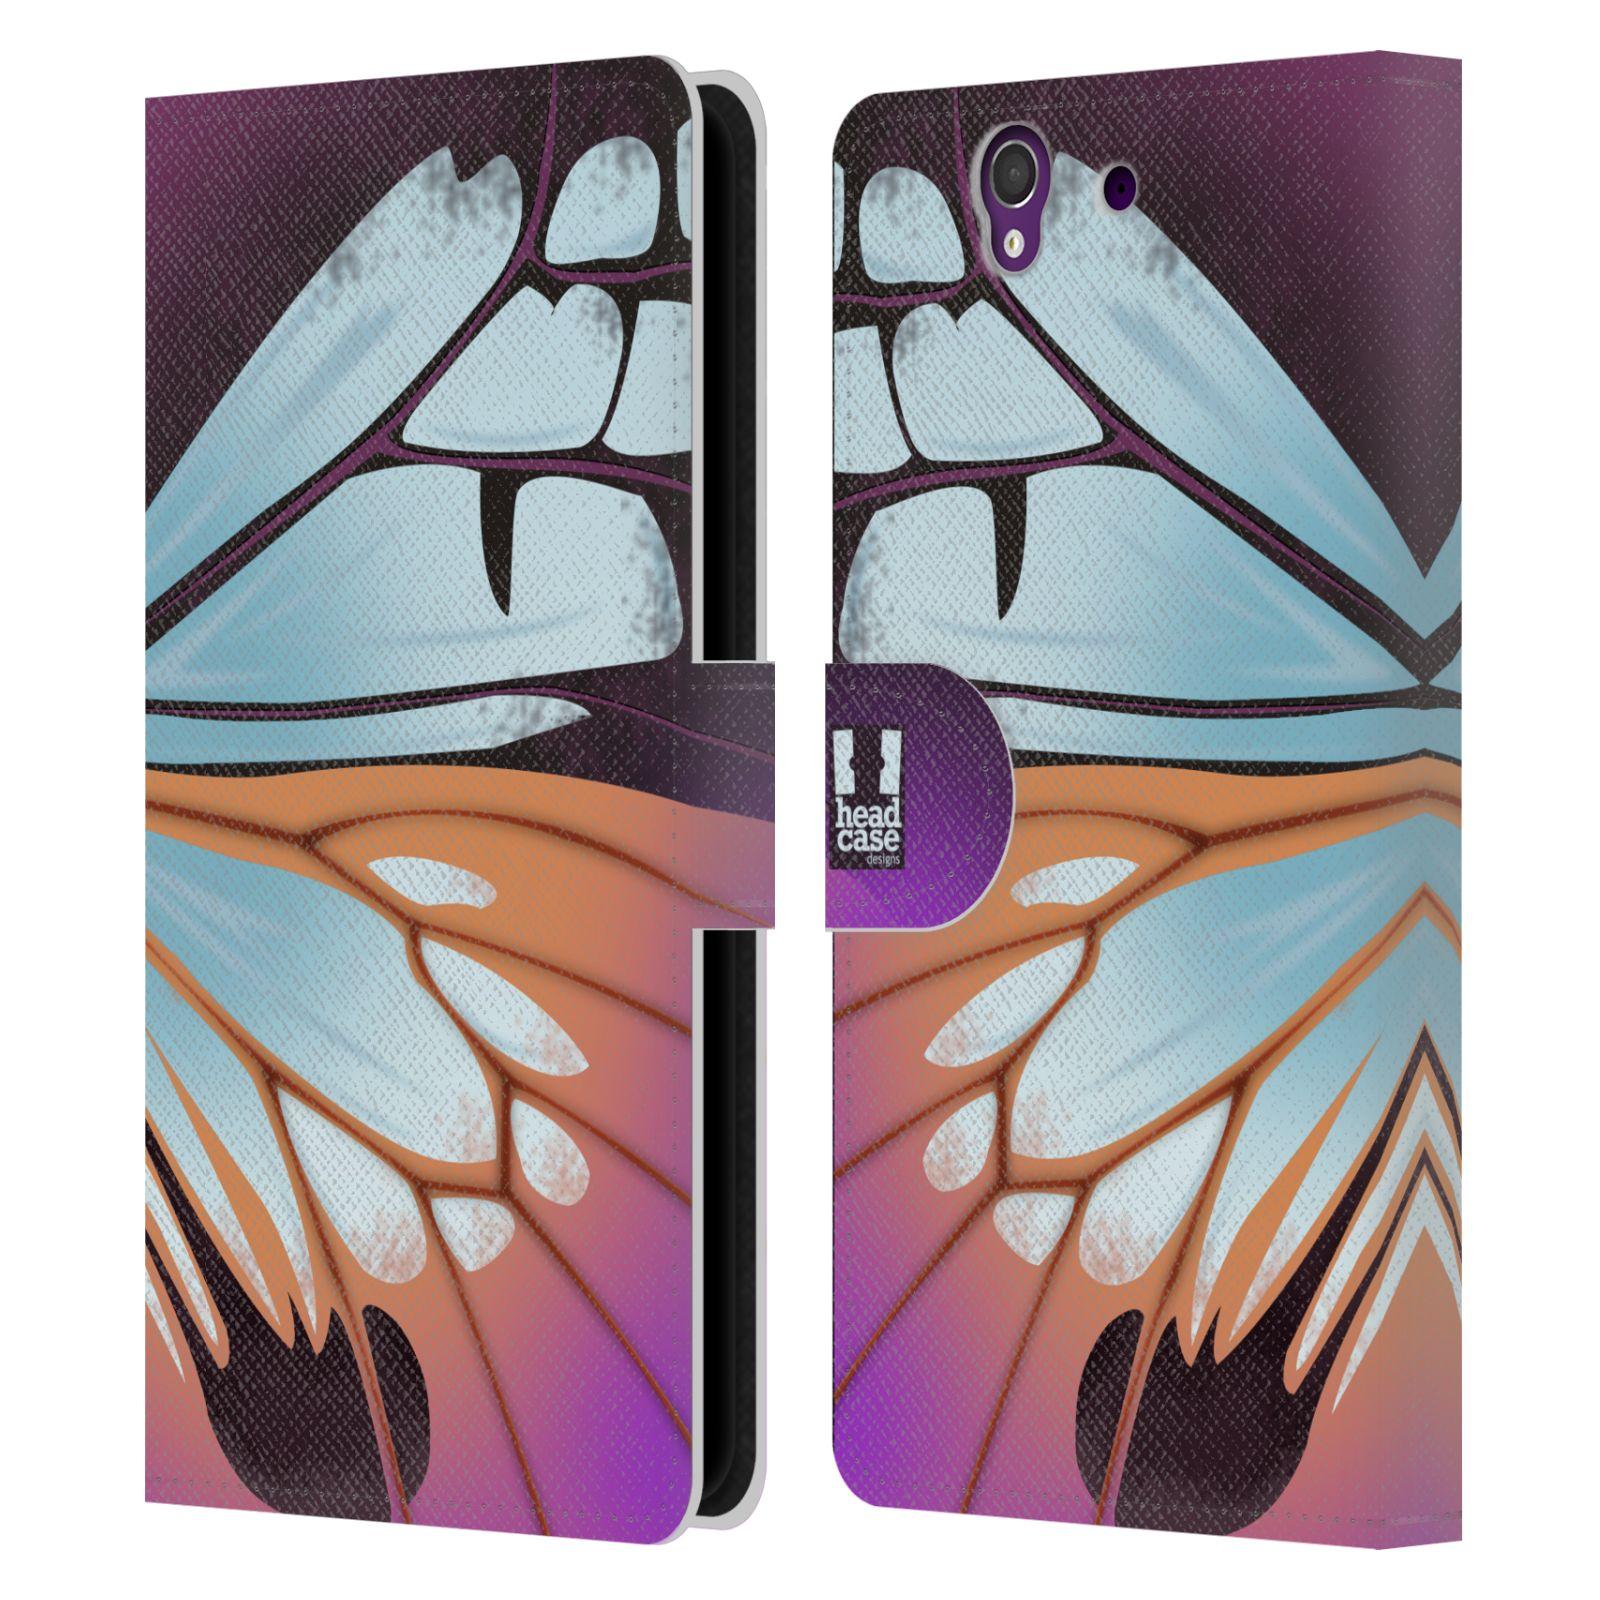 HEAD CASE Flipové pouzdro pro mobil SONY XPERIA Z (C6603) motýl a křídla kreslený vzor fialová a modrá